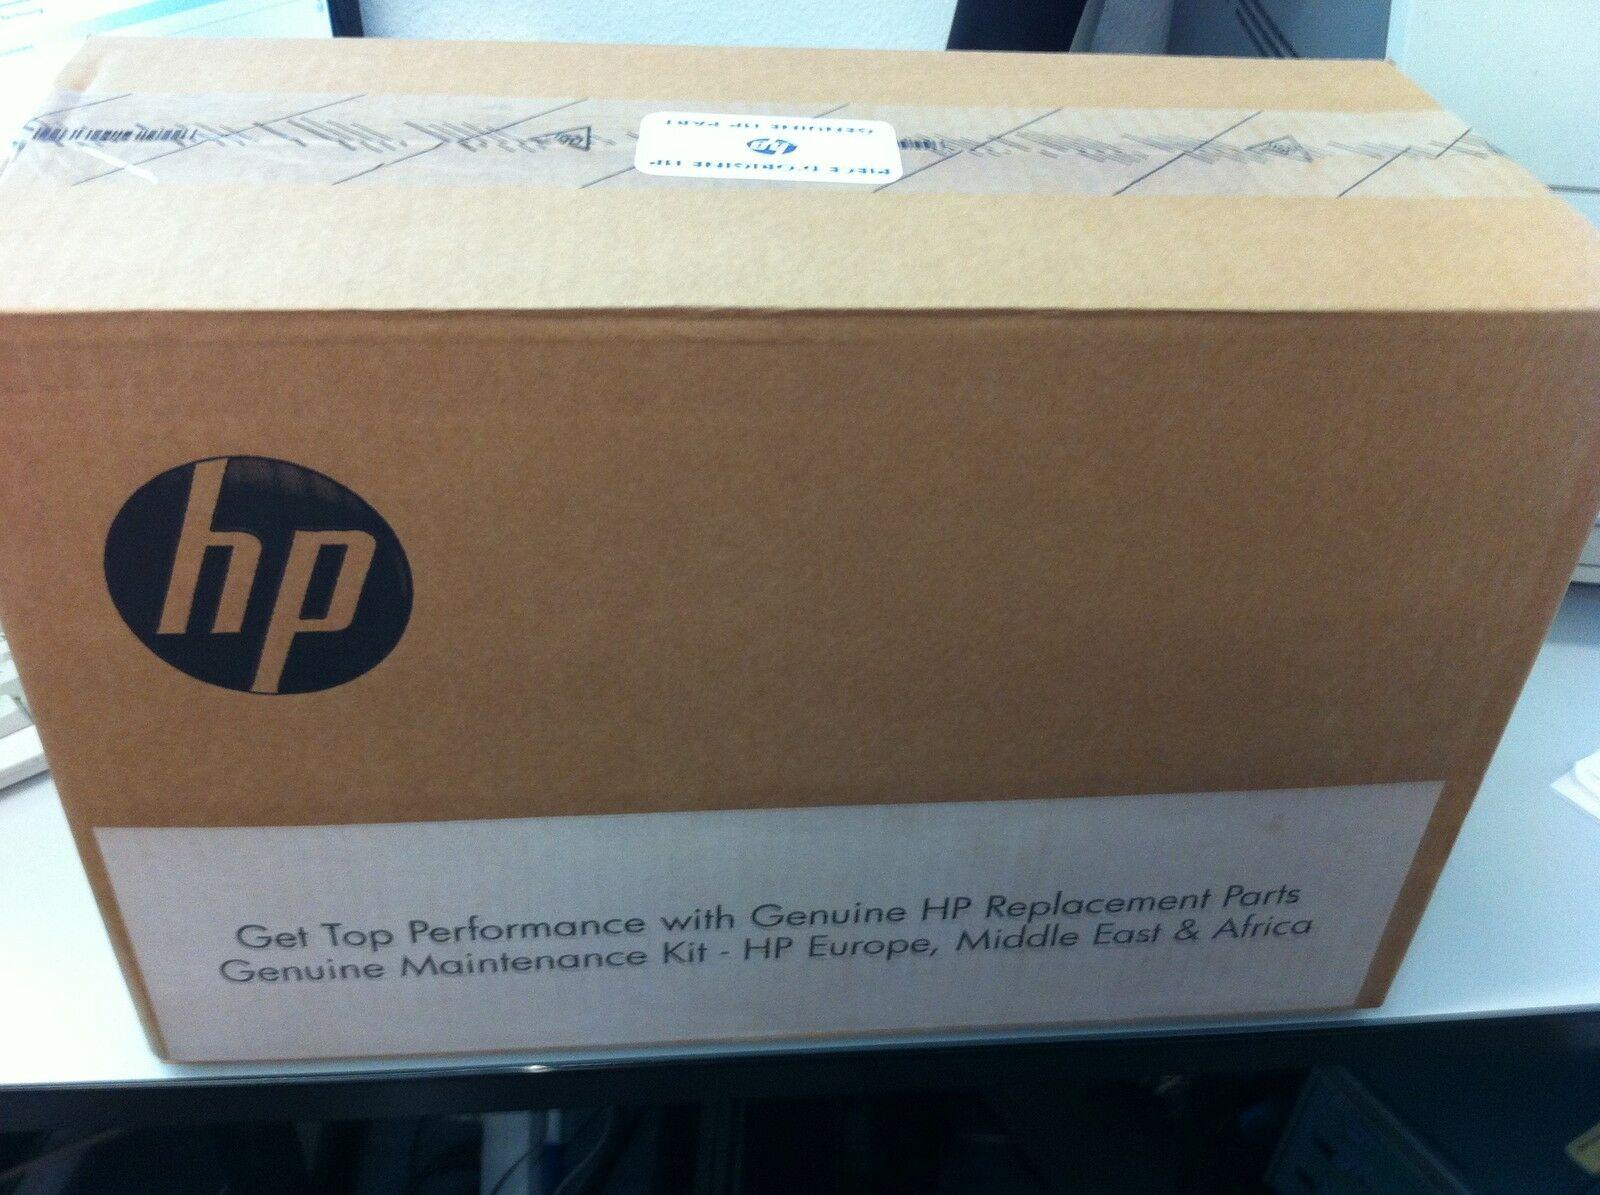 Marke: HP | Herstellernummer: RM1-8809-000CN | Sie bieten auf einen neuen original HP RM1-8809-000CN Fuser FixiererLaserJet M400 M401 M425 neu B original HP Karton ist nicht geöffnet, nicht beklebt oder beschriftet, A-Ware